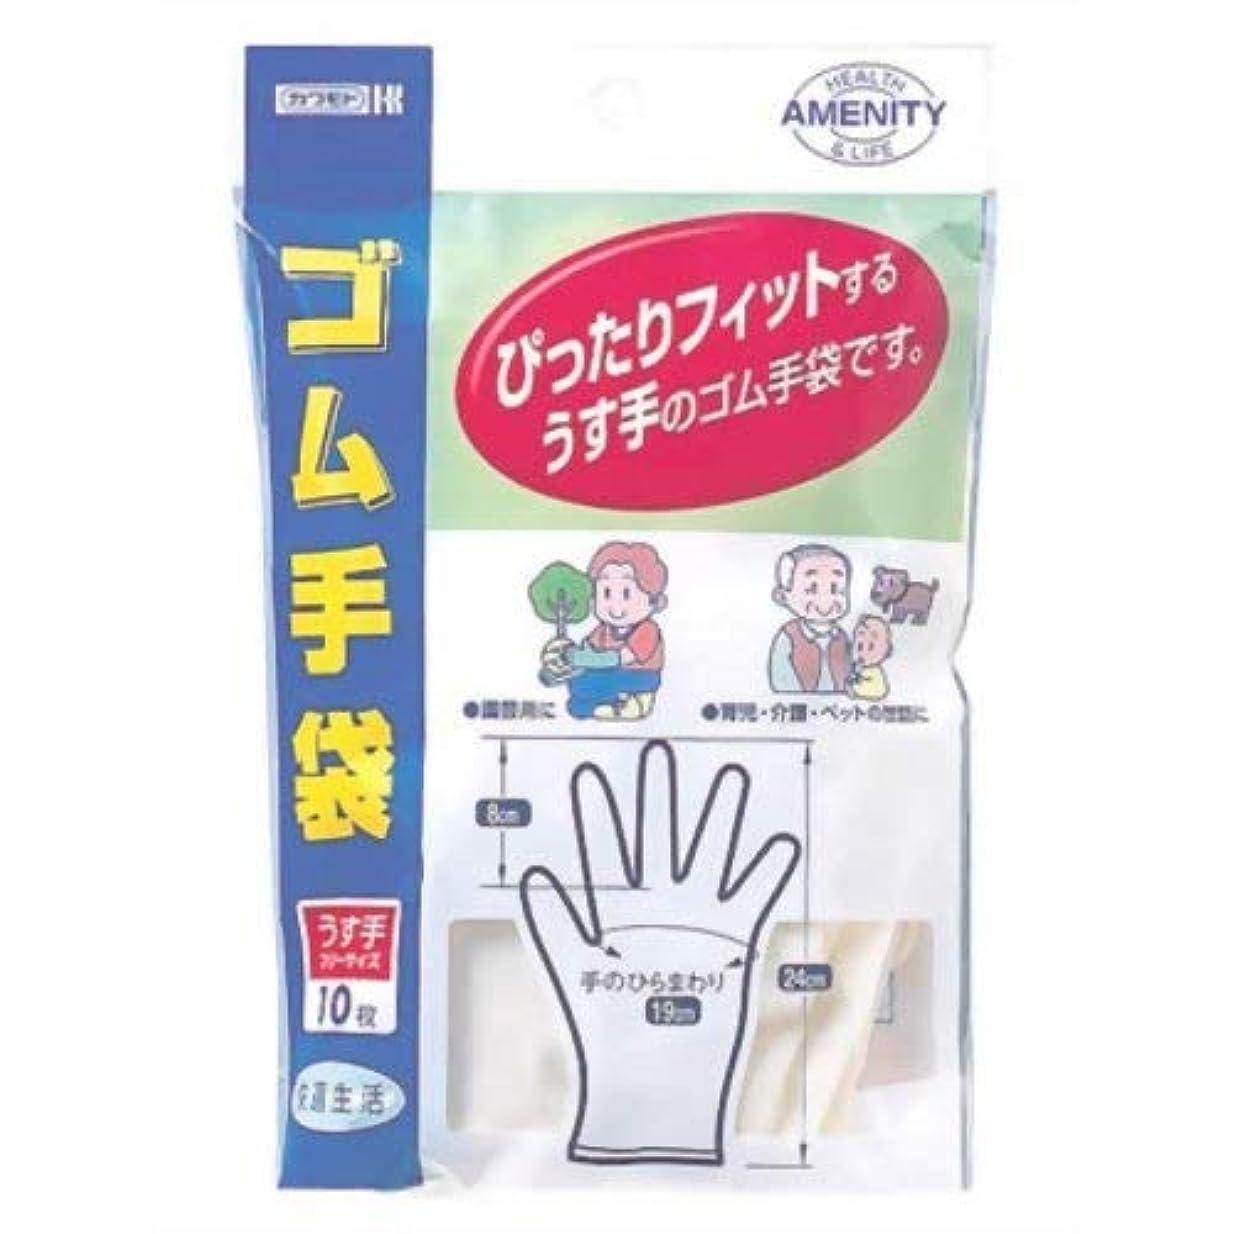 ビジターハウス結晶カワモト ゴム手袋 10枚 ×3個